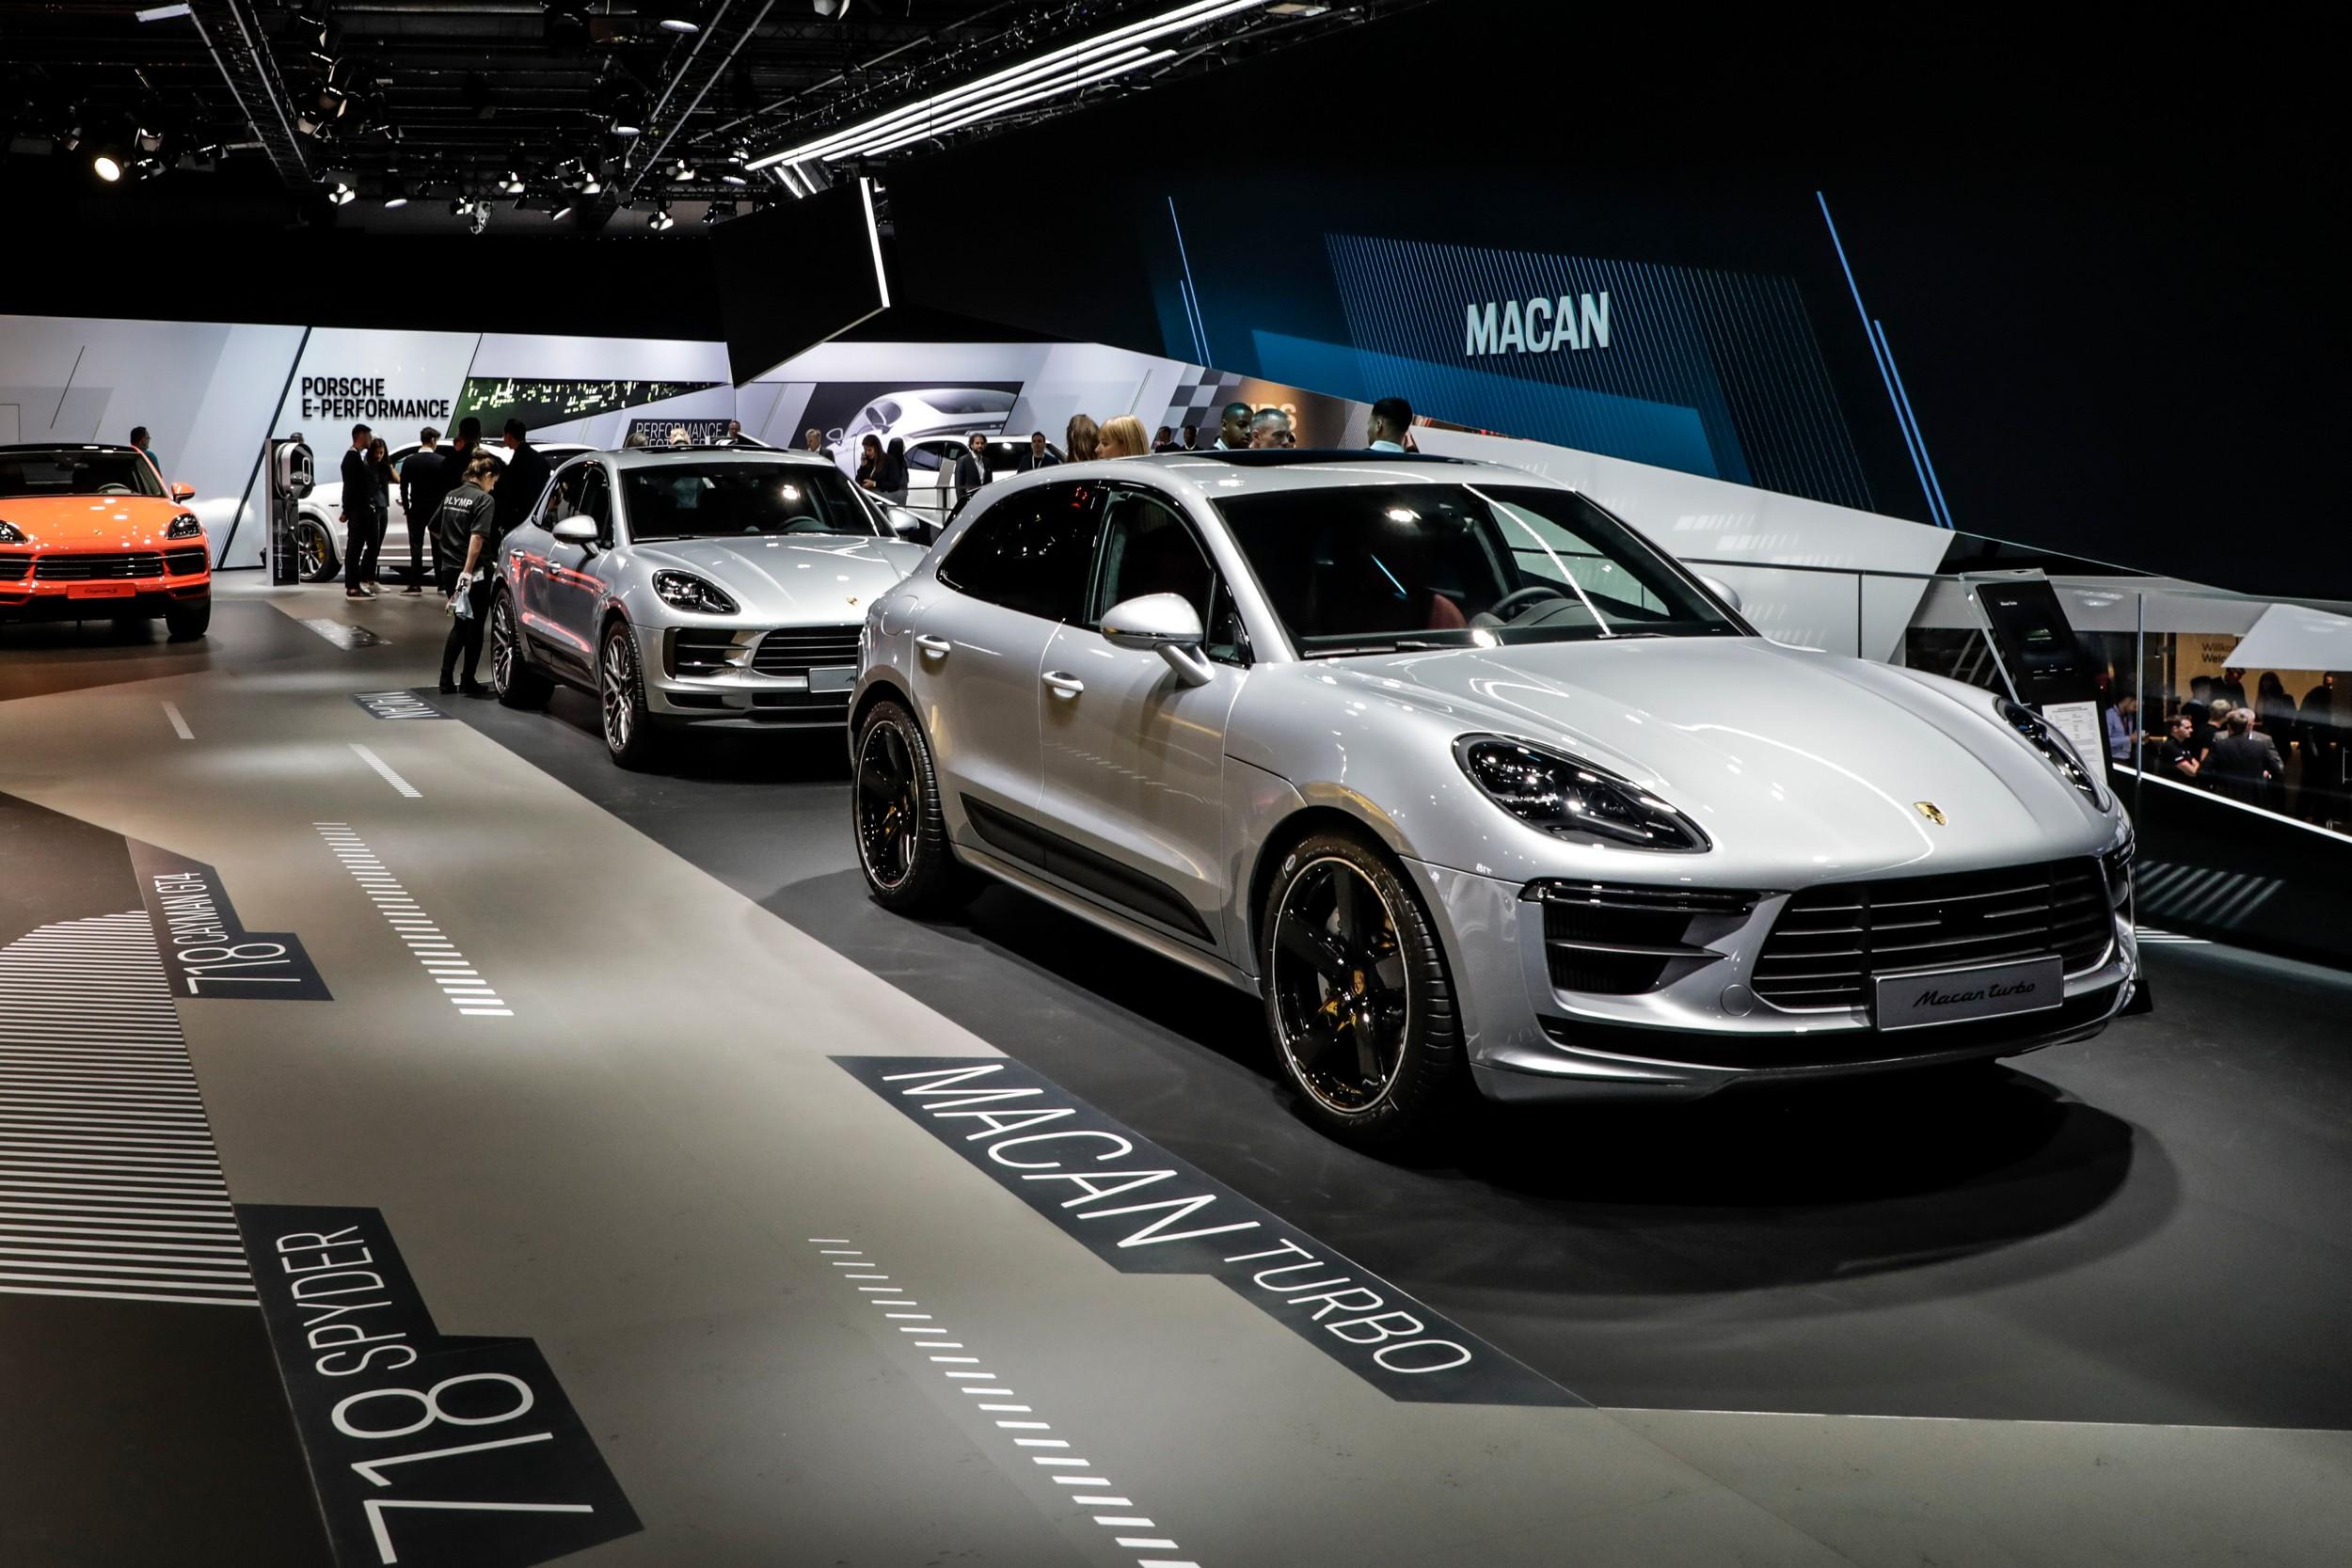 Porsche Macan Turbo: top di gamma con più potenza e minori consumi - Quotidiano Motori